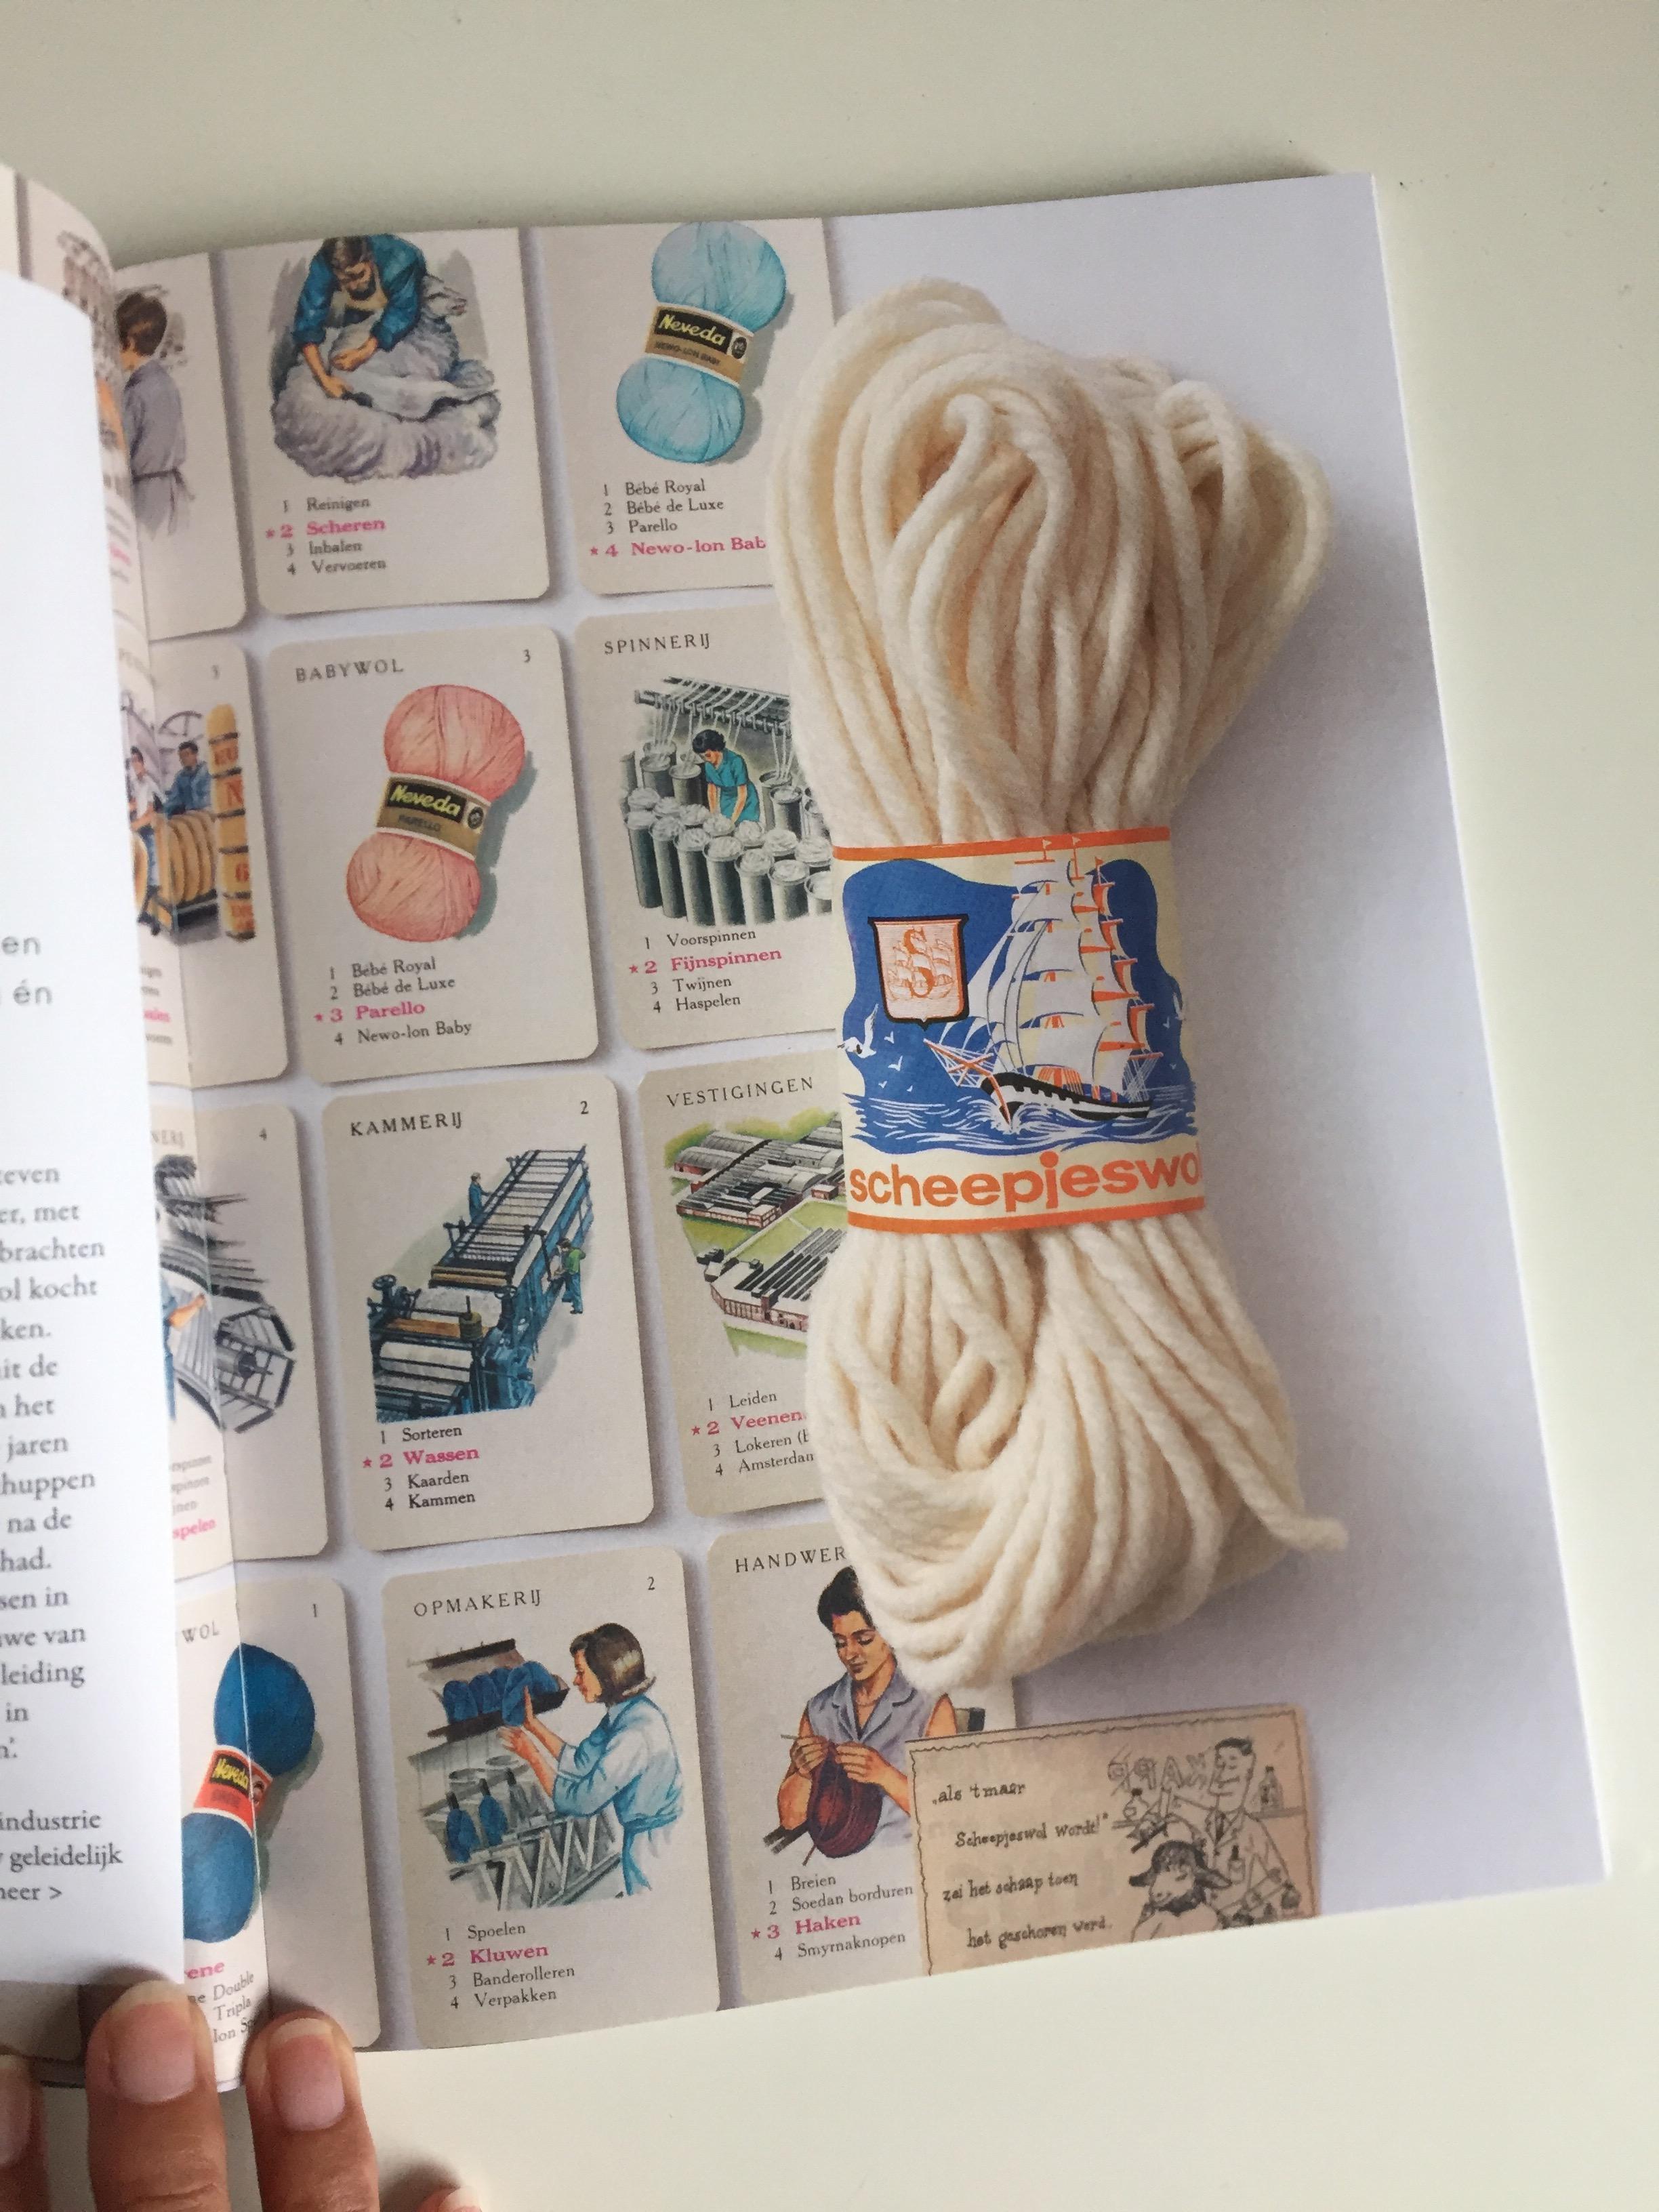 Yarn_magazine_binnenwerk1